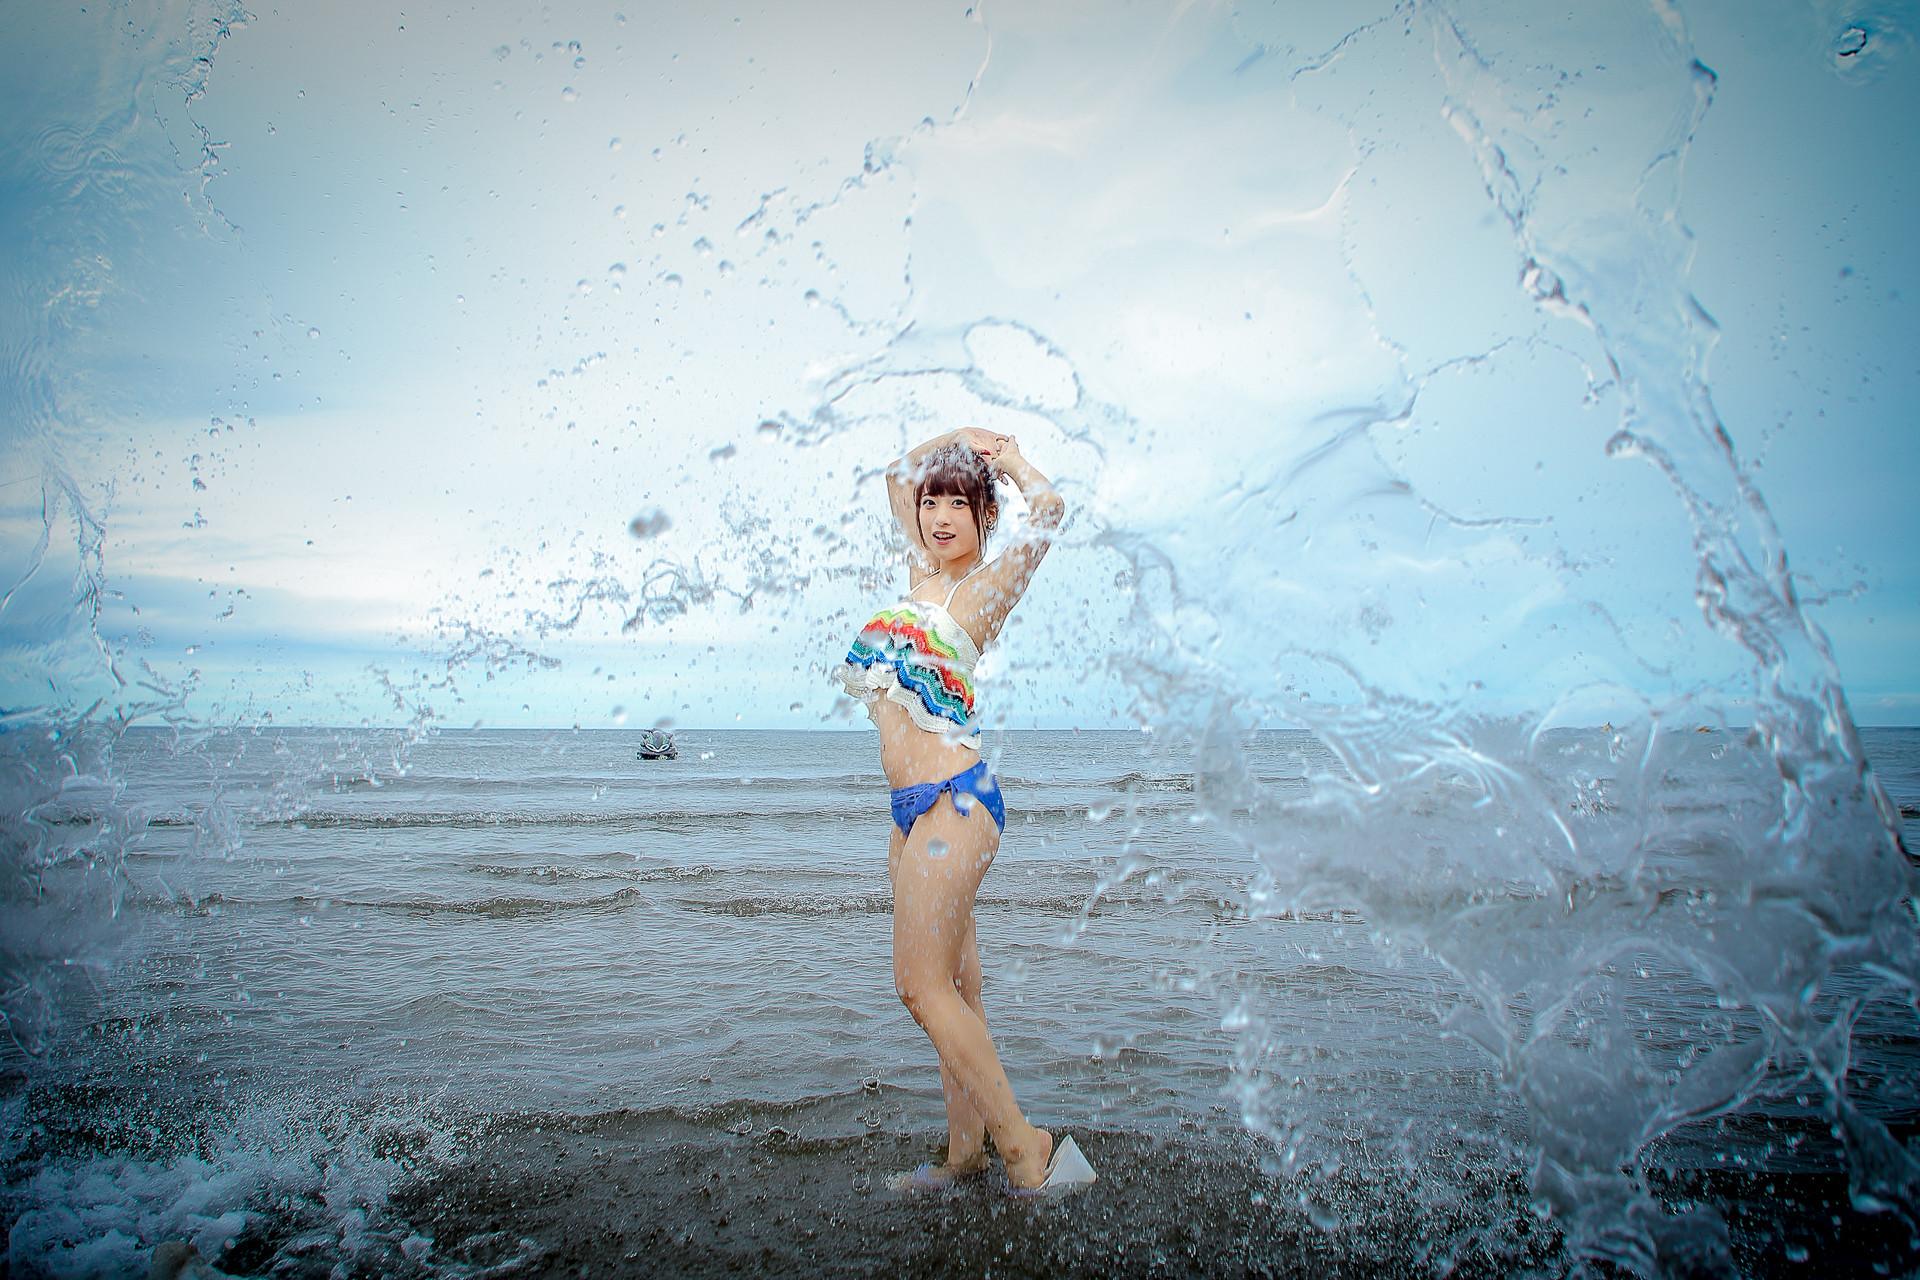 フルーティー♡ さい ( 北出彩 ) | ライブプロ海イベント2017水着個撮